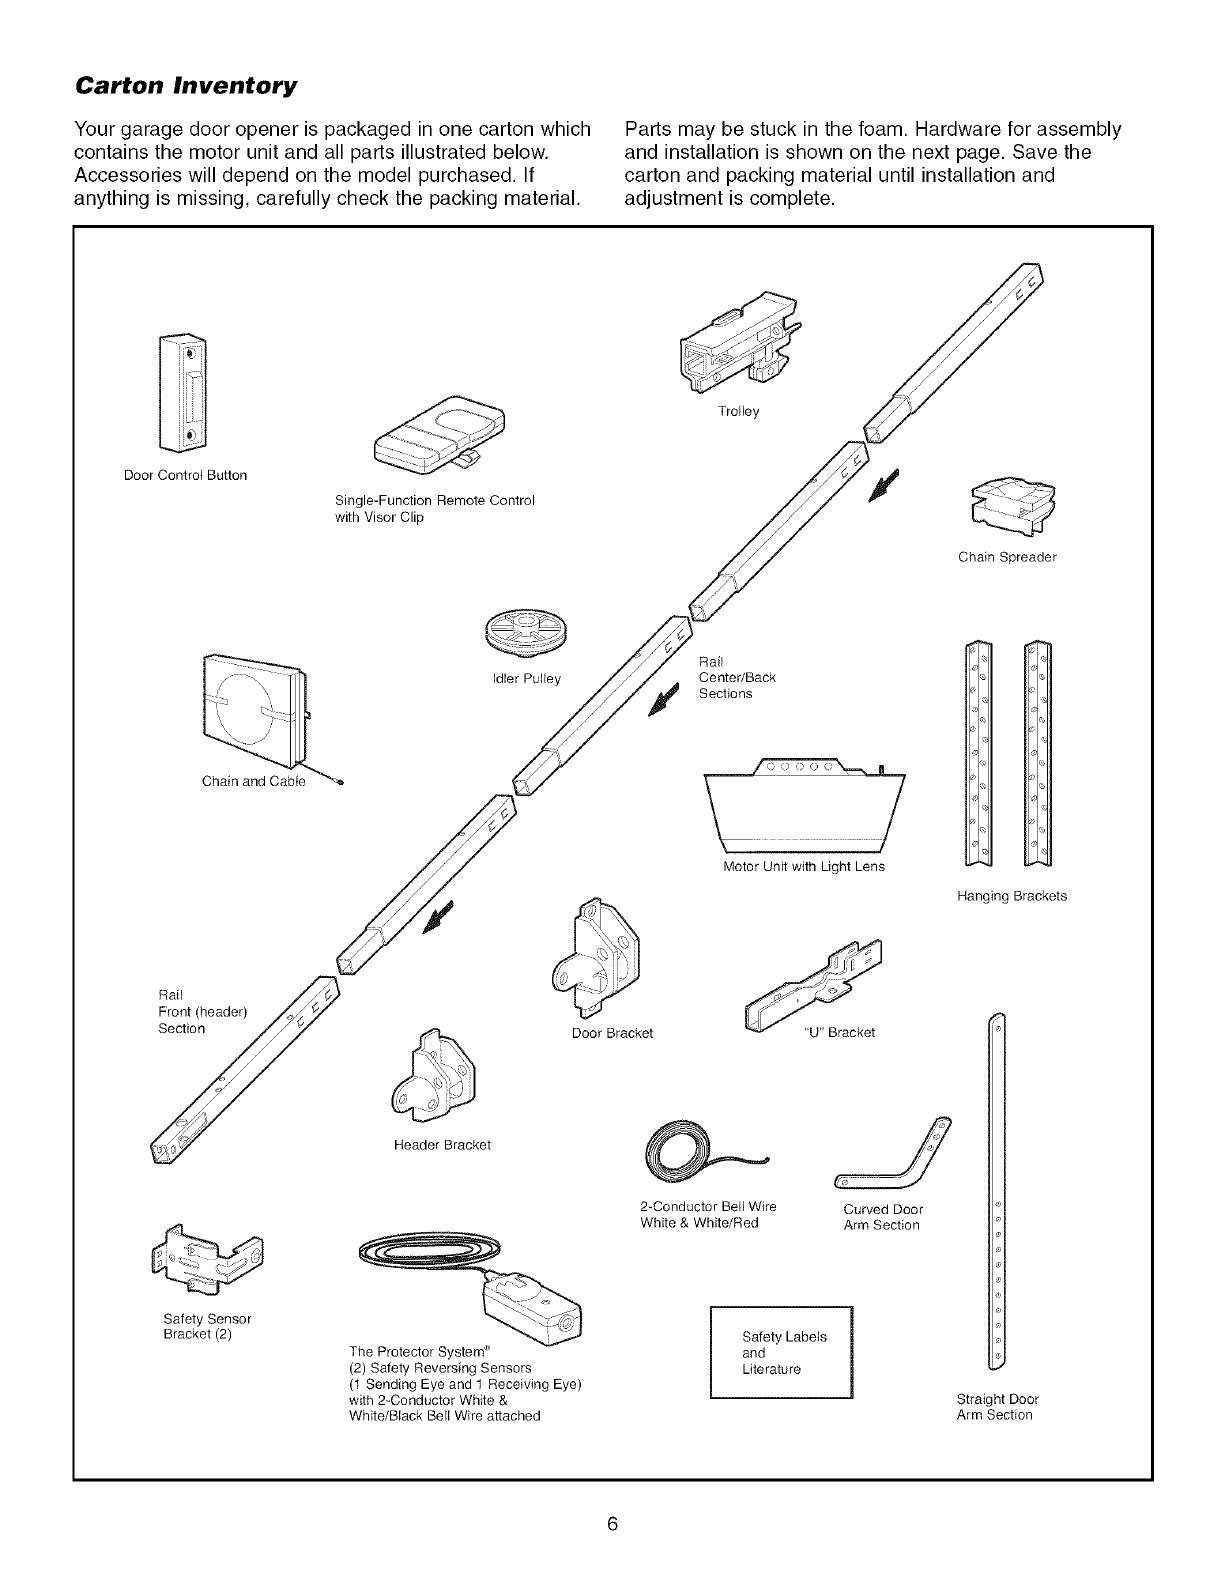 Carton inventory